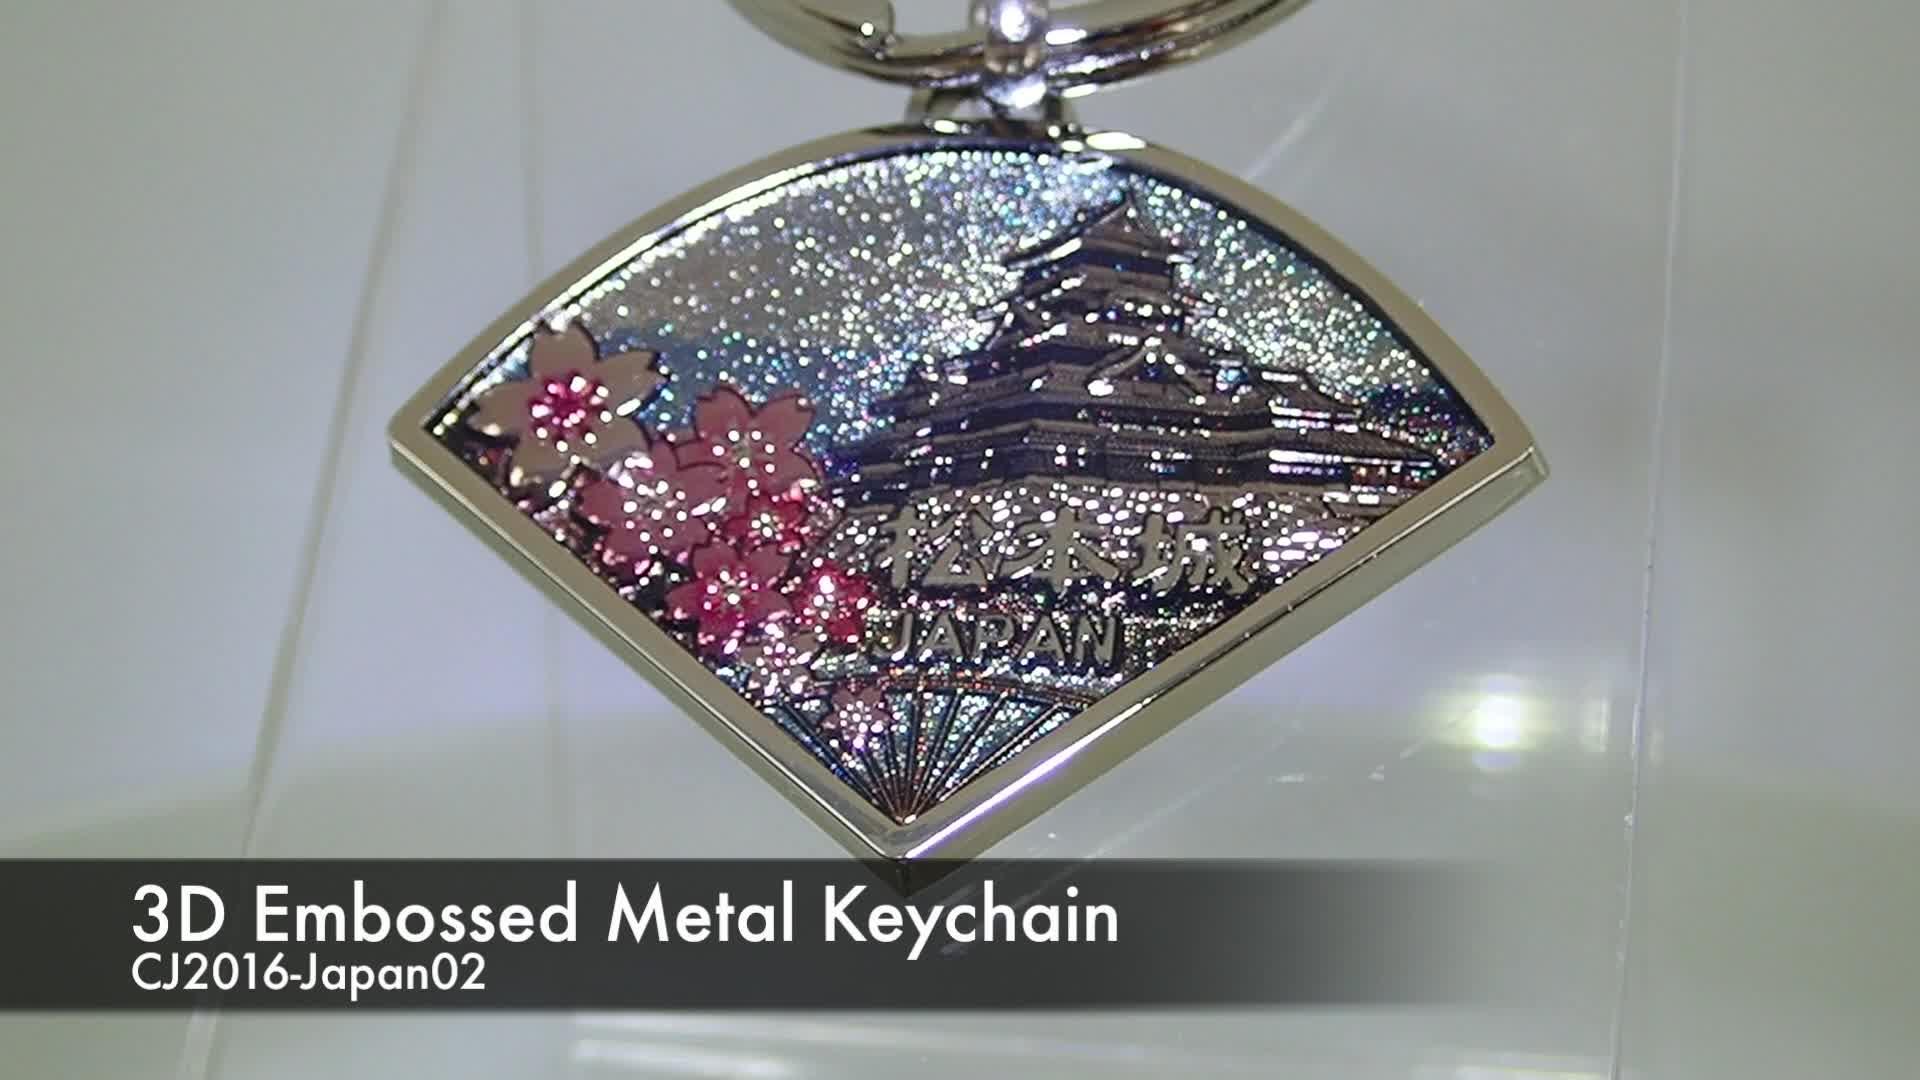 Printing Sandblasting Custom 3D Embossed Keychain